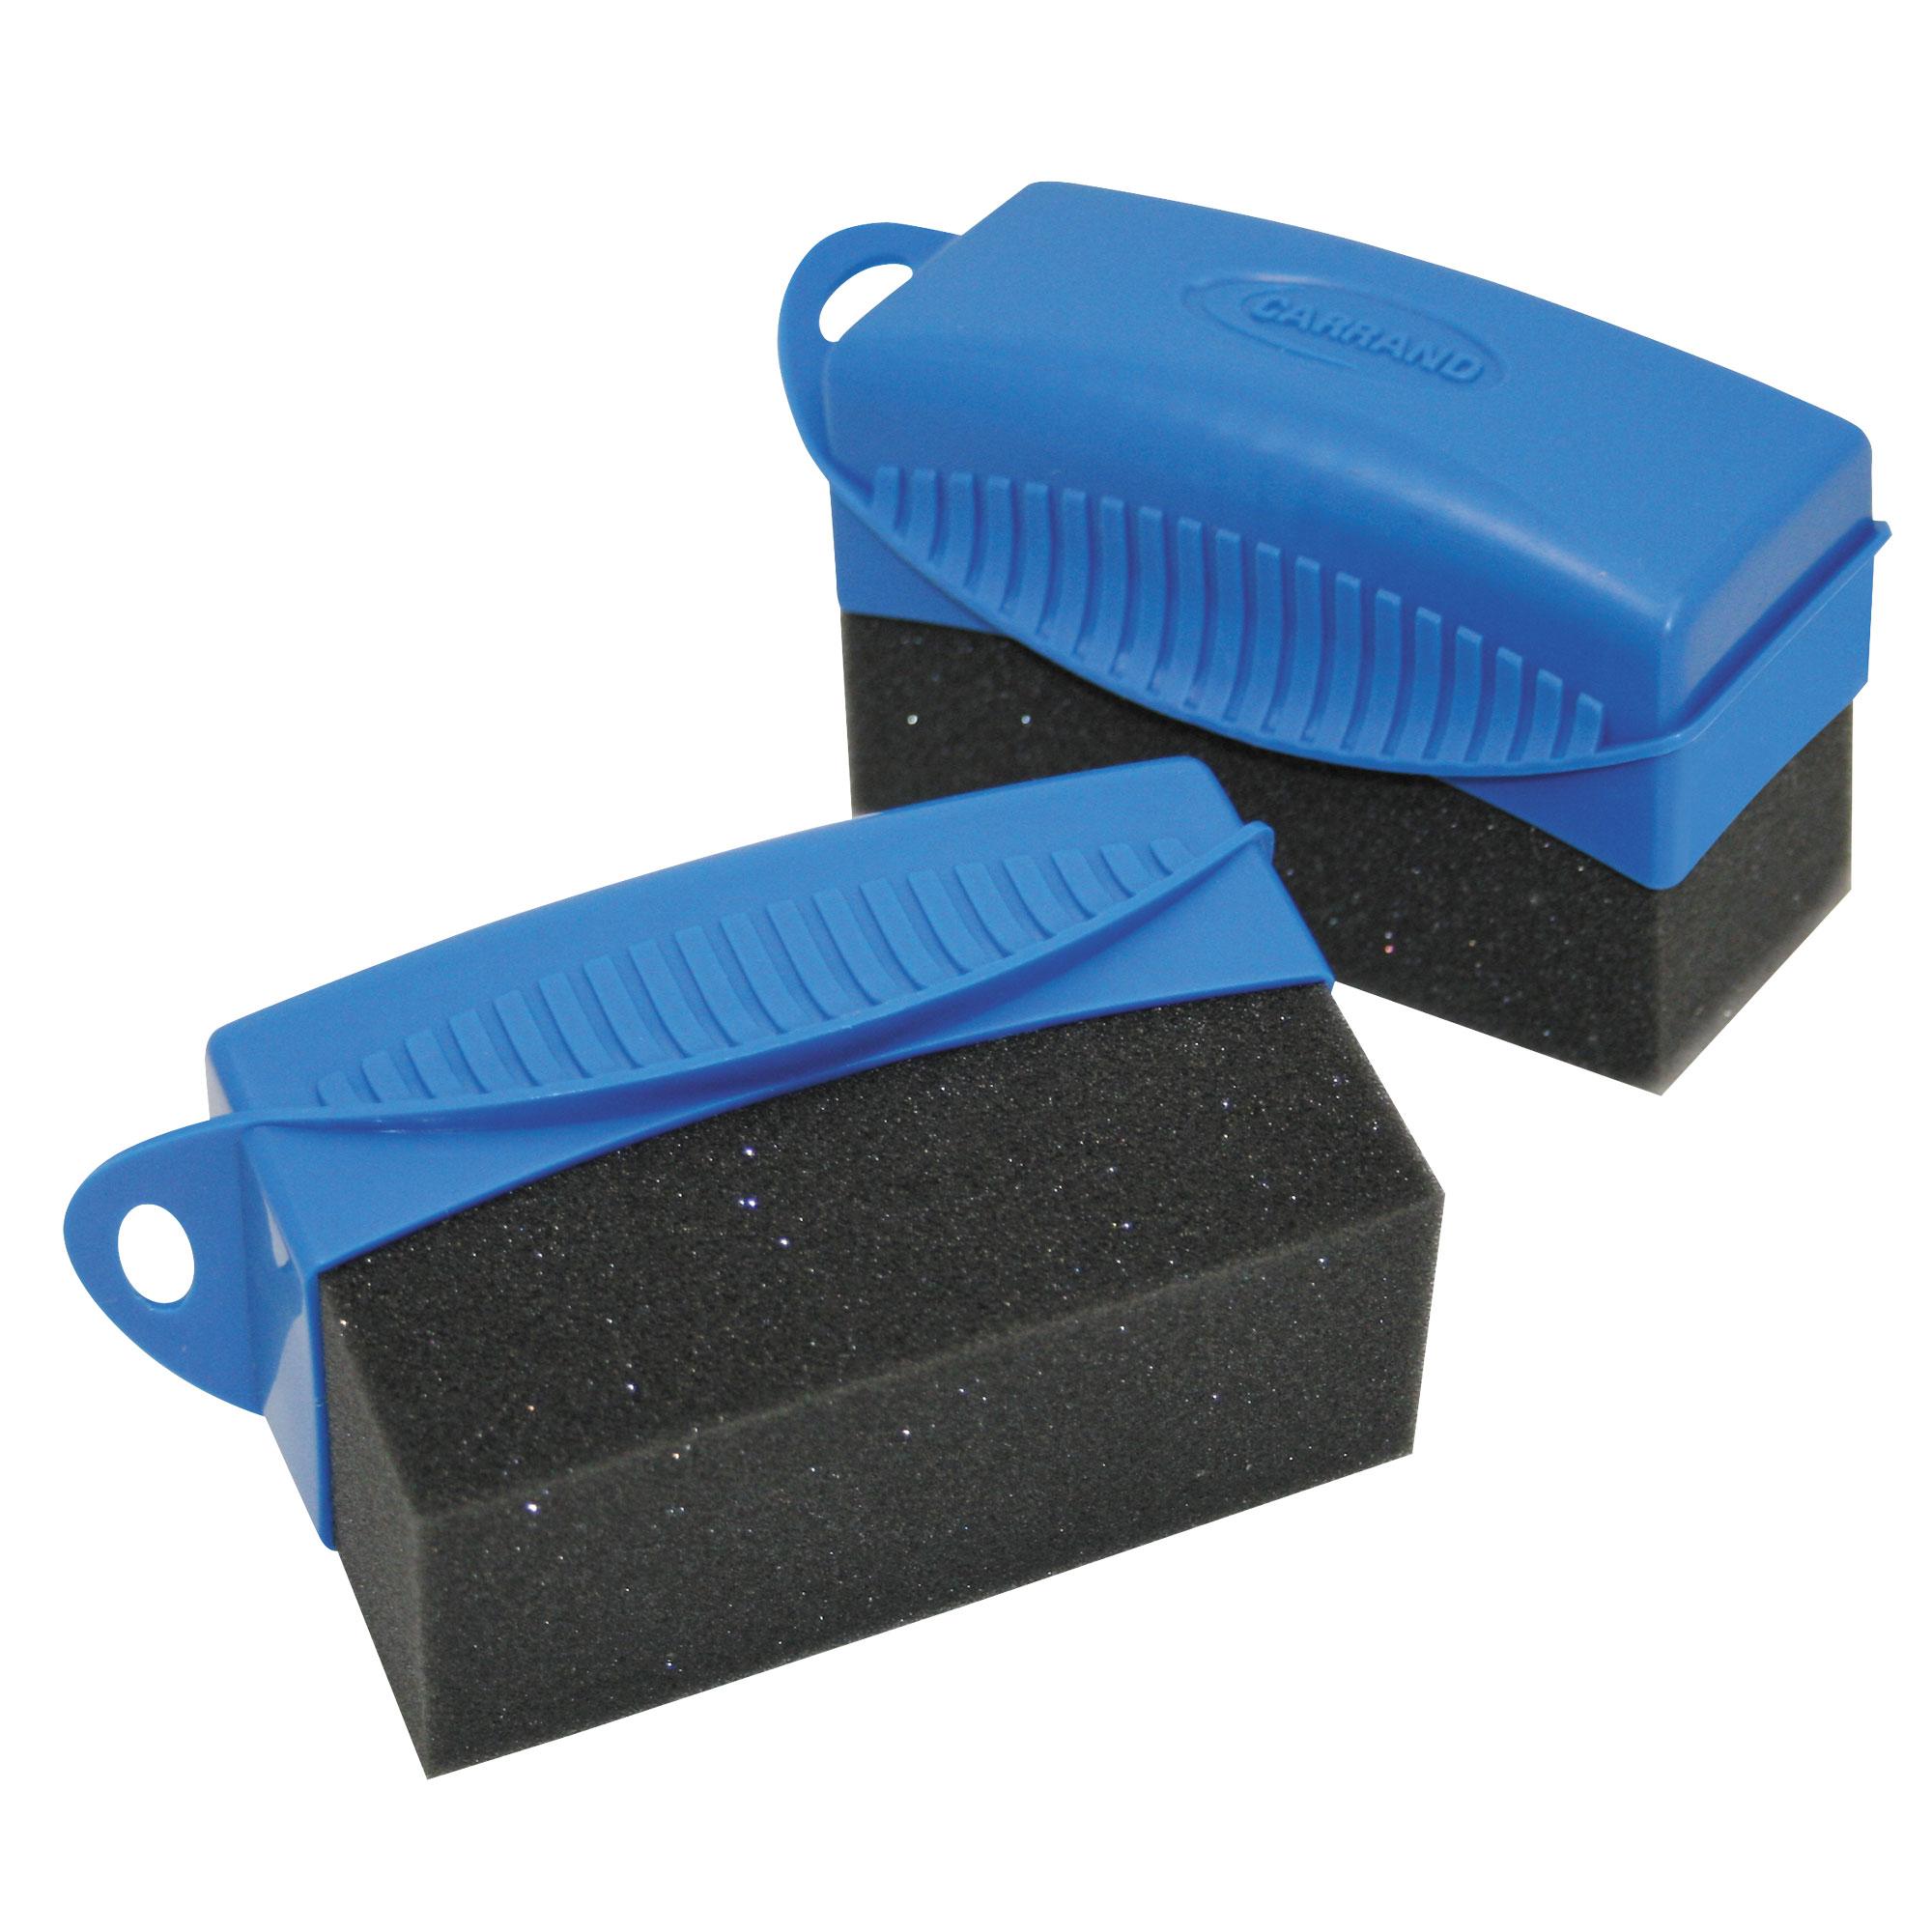 Konturenschwamm zur Reifen- und Kunststoffpflege